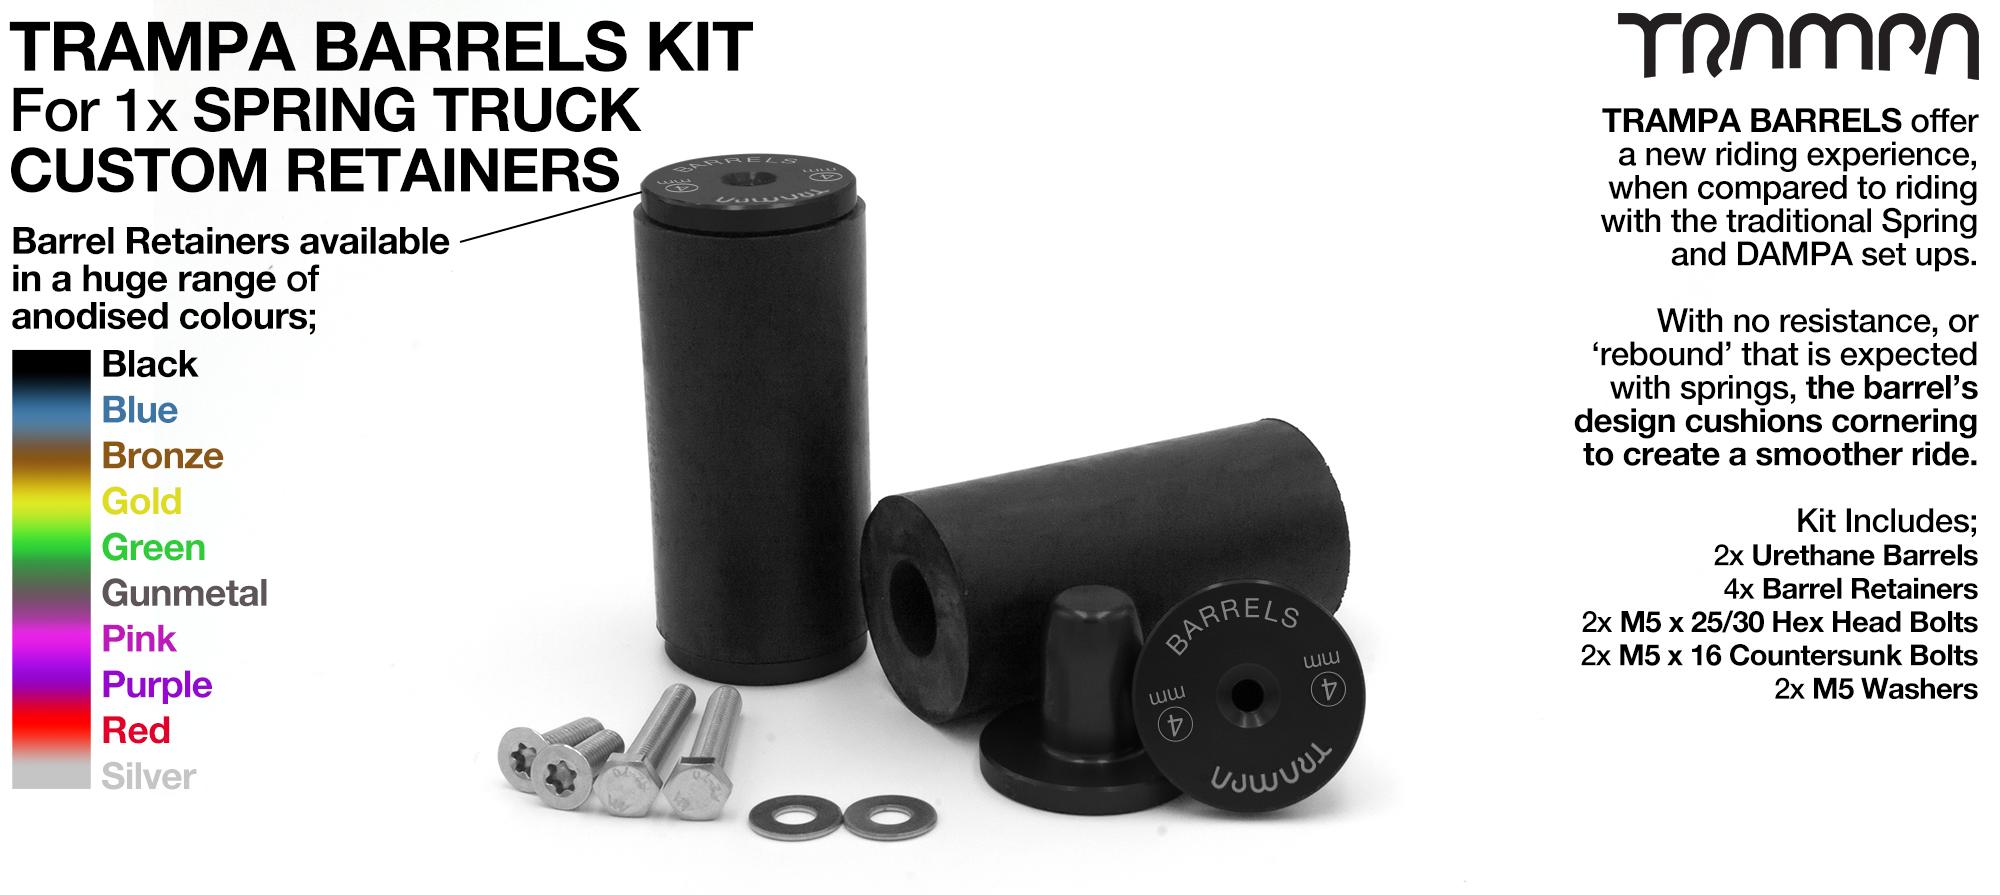 TRAMPA BARRELS Complete 1x TRUCK Kit - CUSTOM